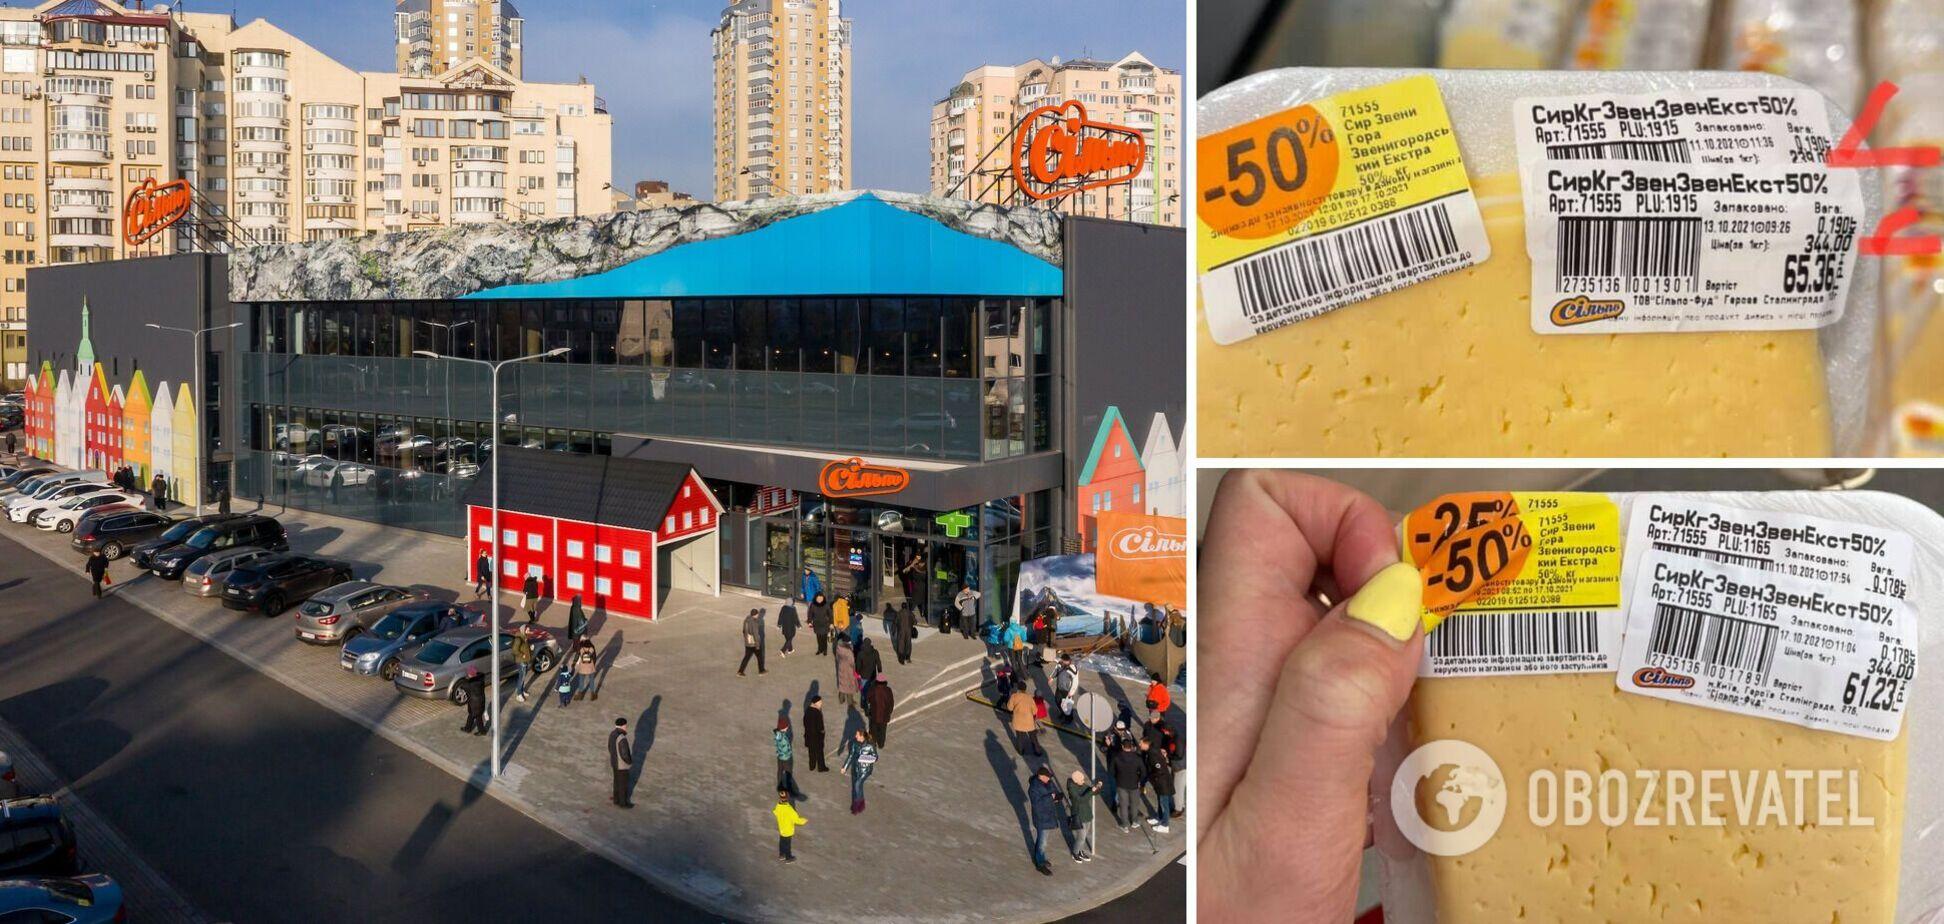 У київському супермаркеті зробили 'акцію', підвищивши ціну на товар. Фото